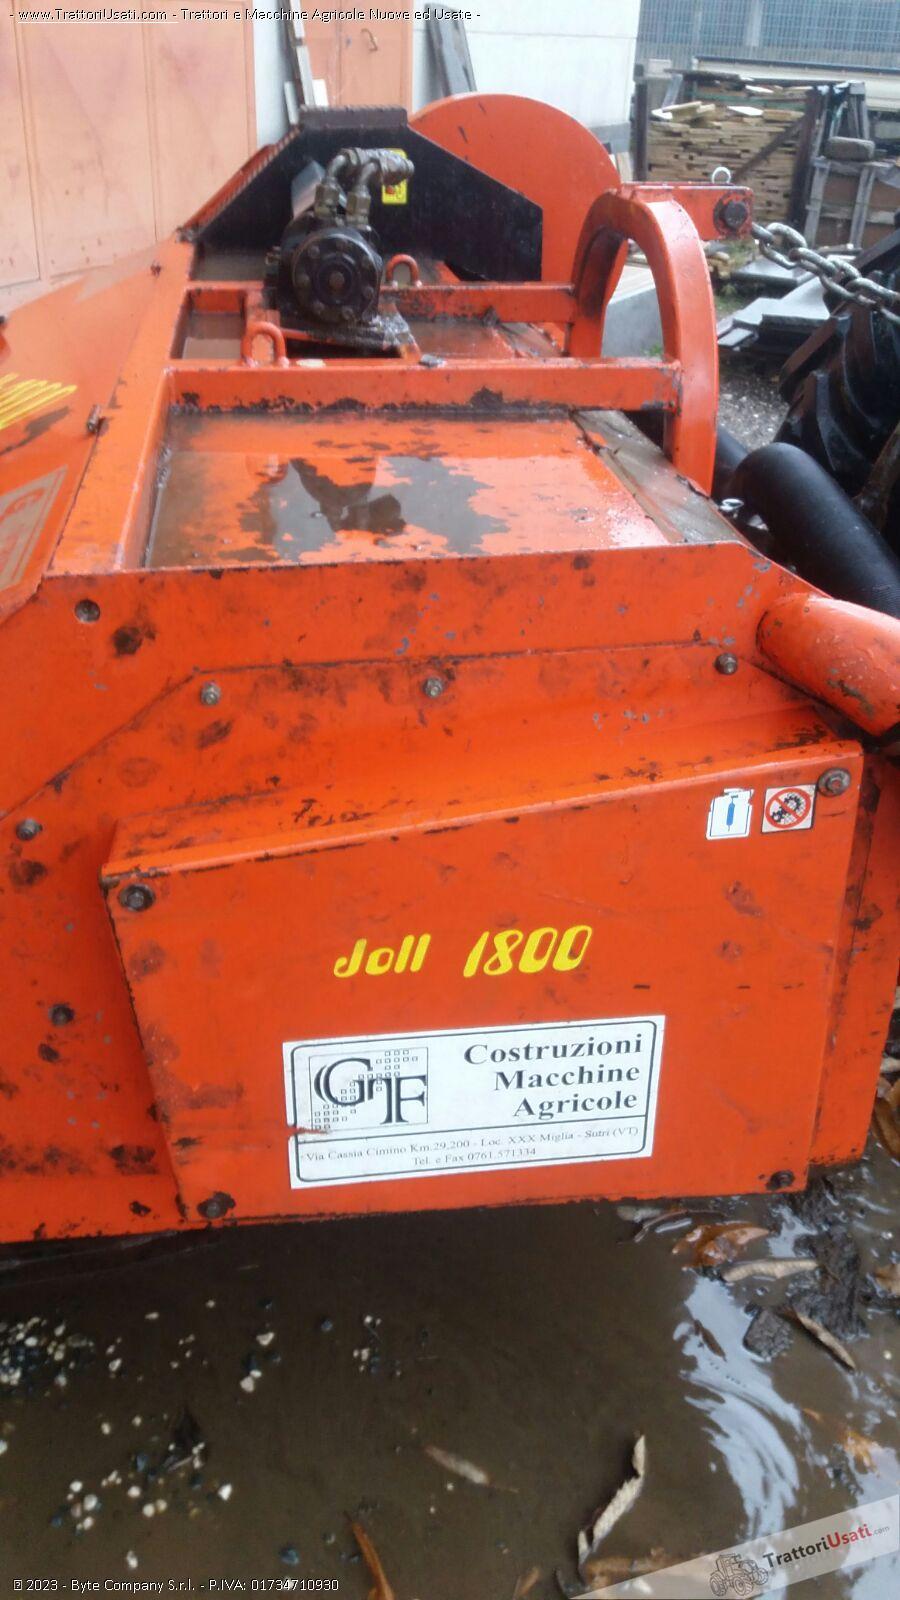 Macchina raccogli nocciole  - jolly 1800 1